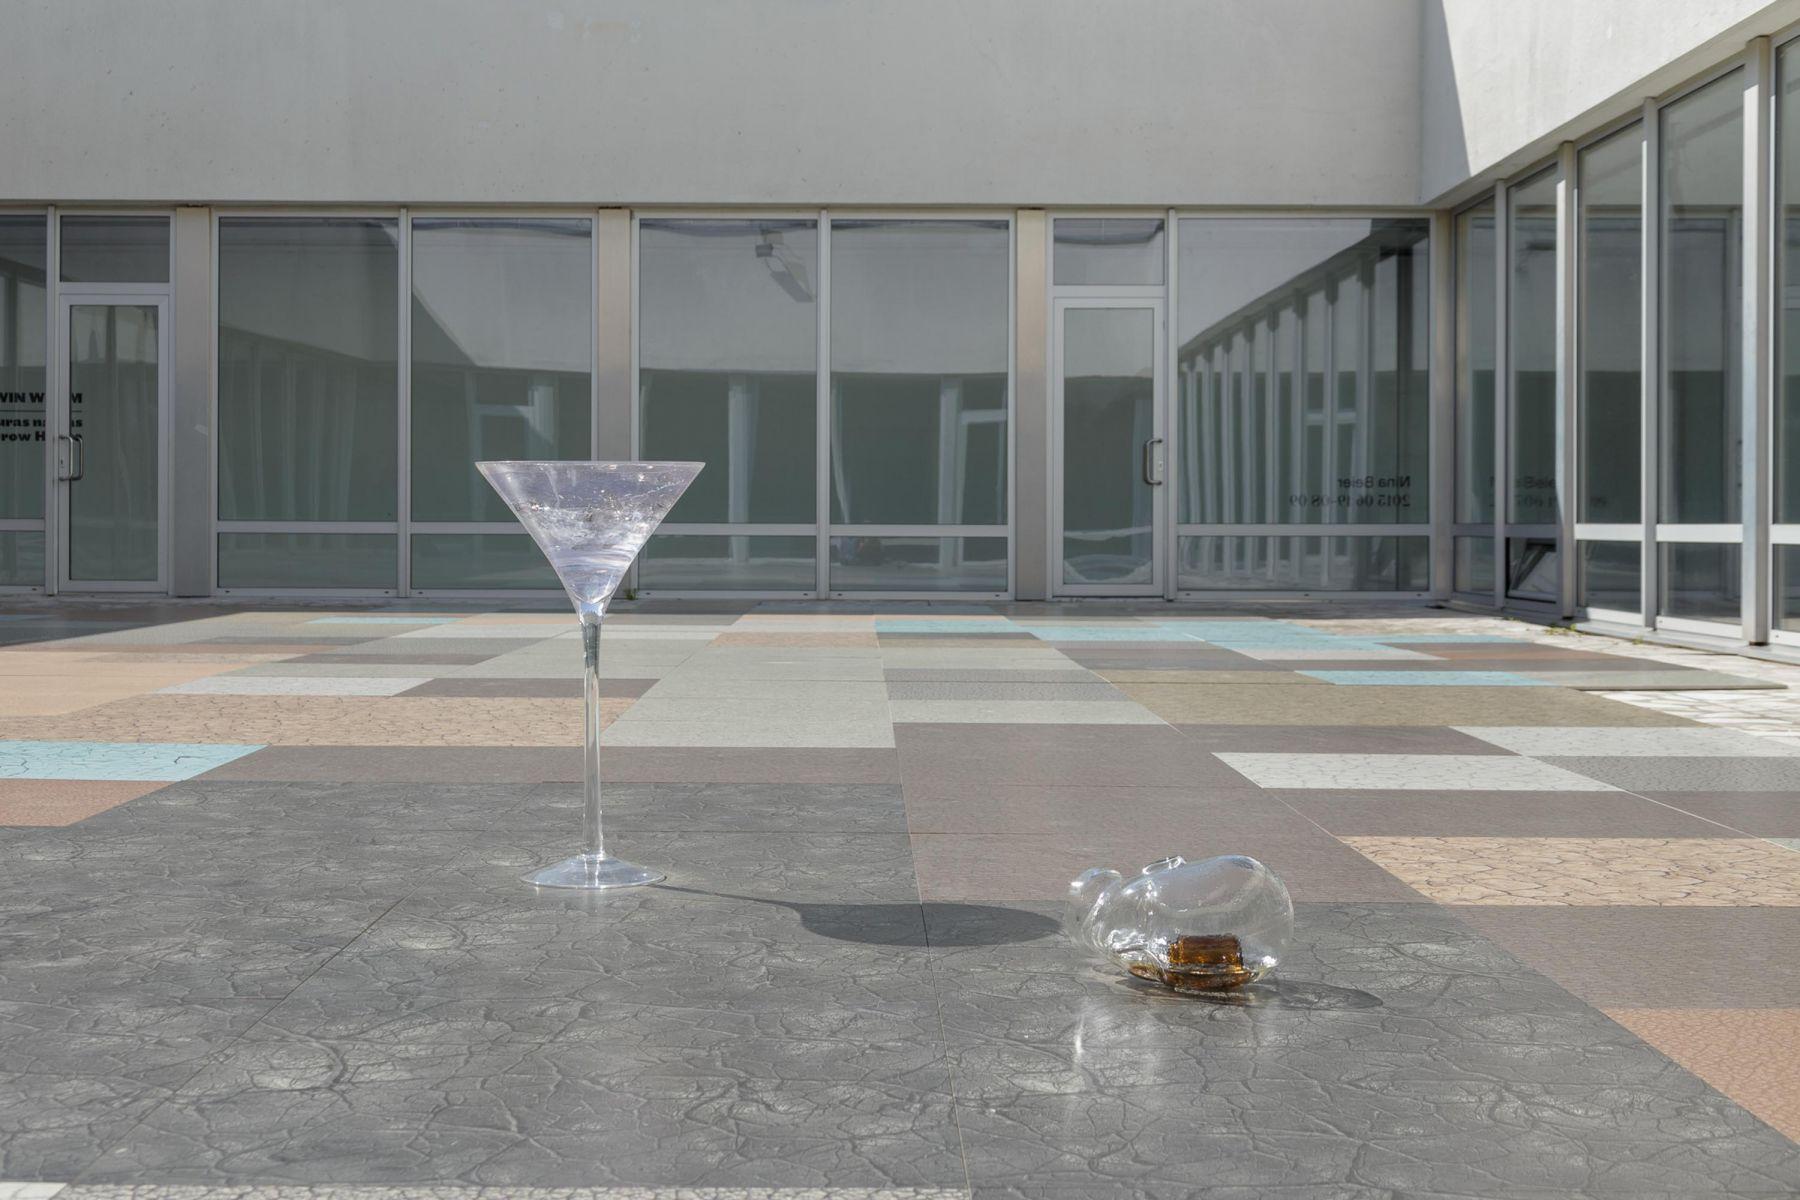 Nina Beier,Contemporary Art Centre Vilnius, Lithuania, 2015. Installation view.